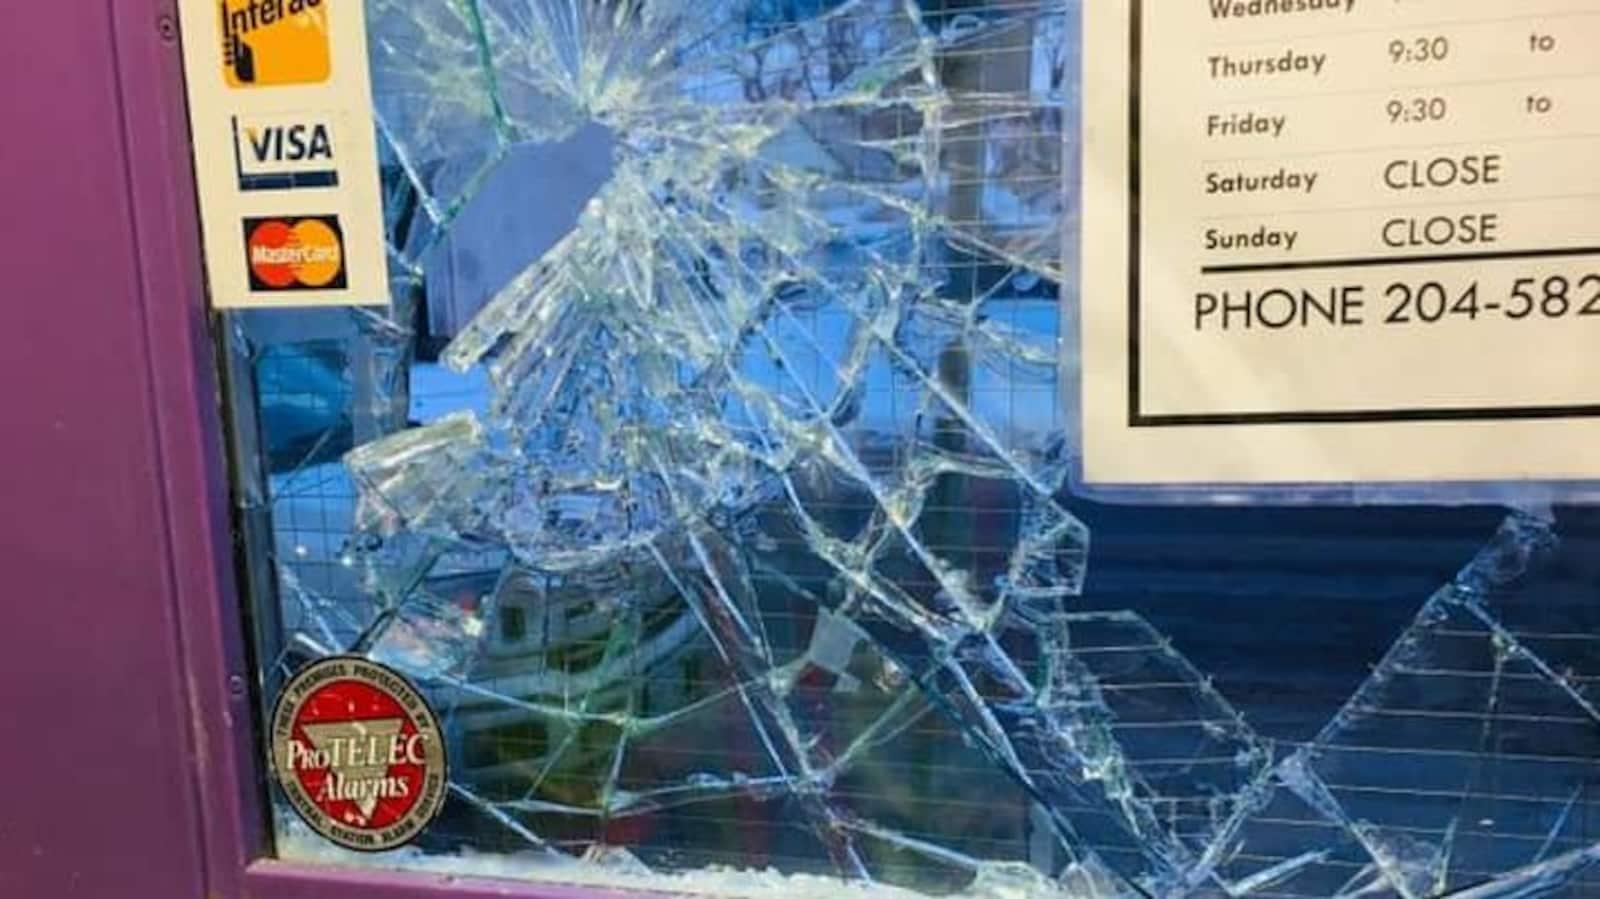 La fenêtre de la porte du magasin Up Shoppe est cassé